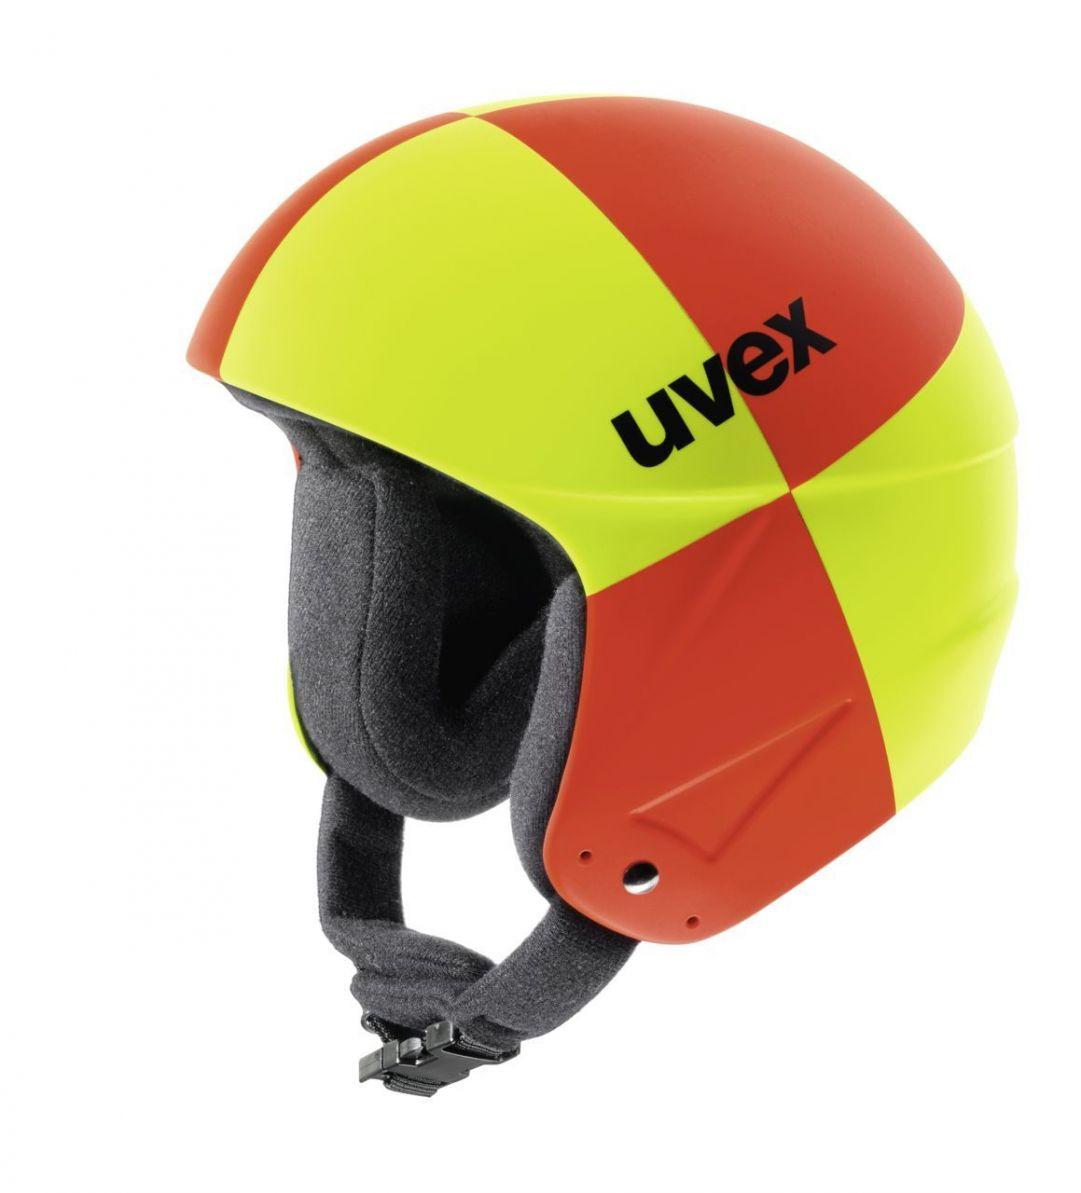 uvex casco fp2 neon yellow neon orange mat 299,00 euro